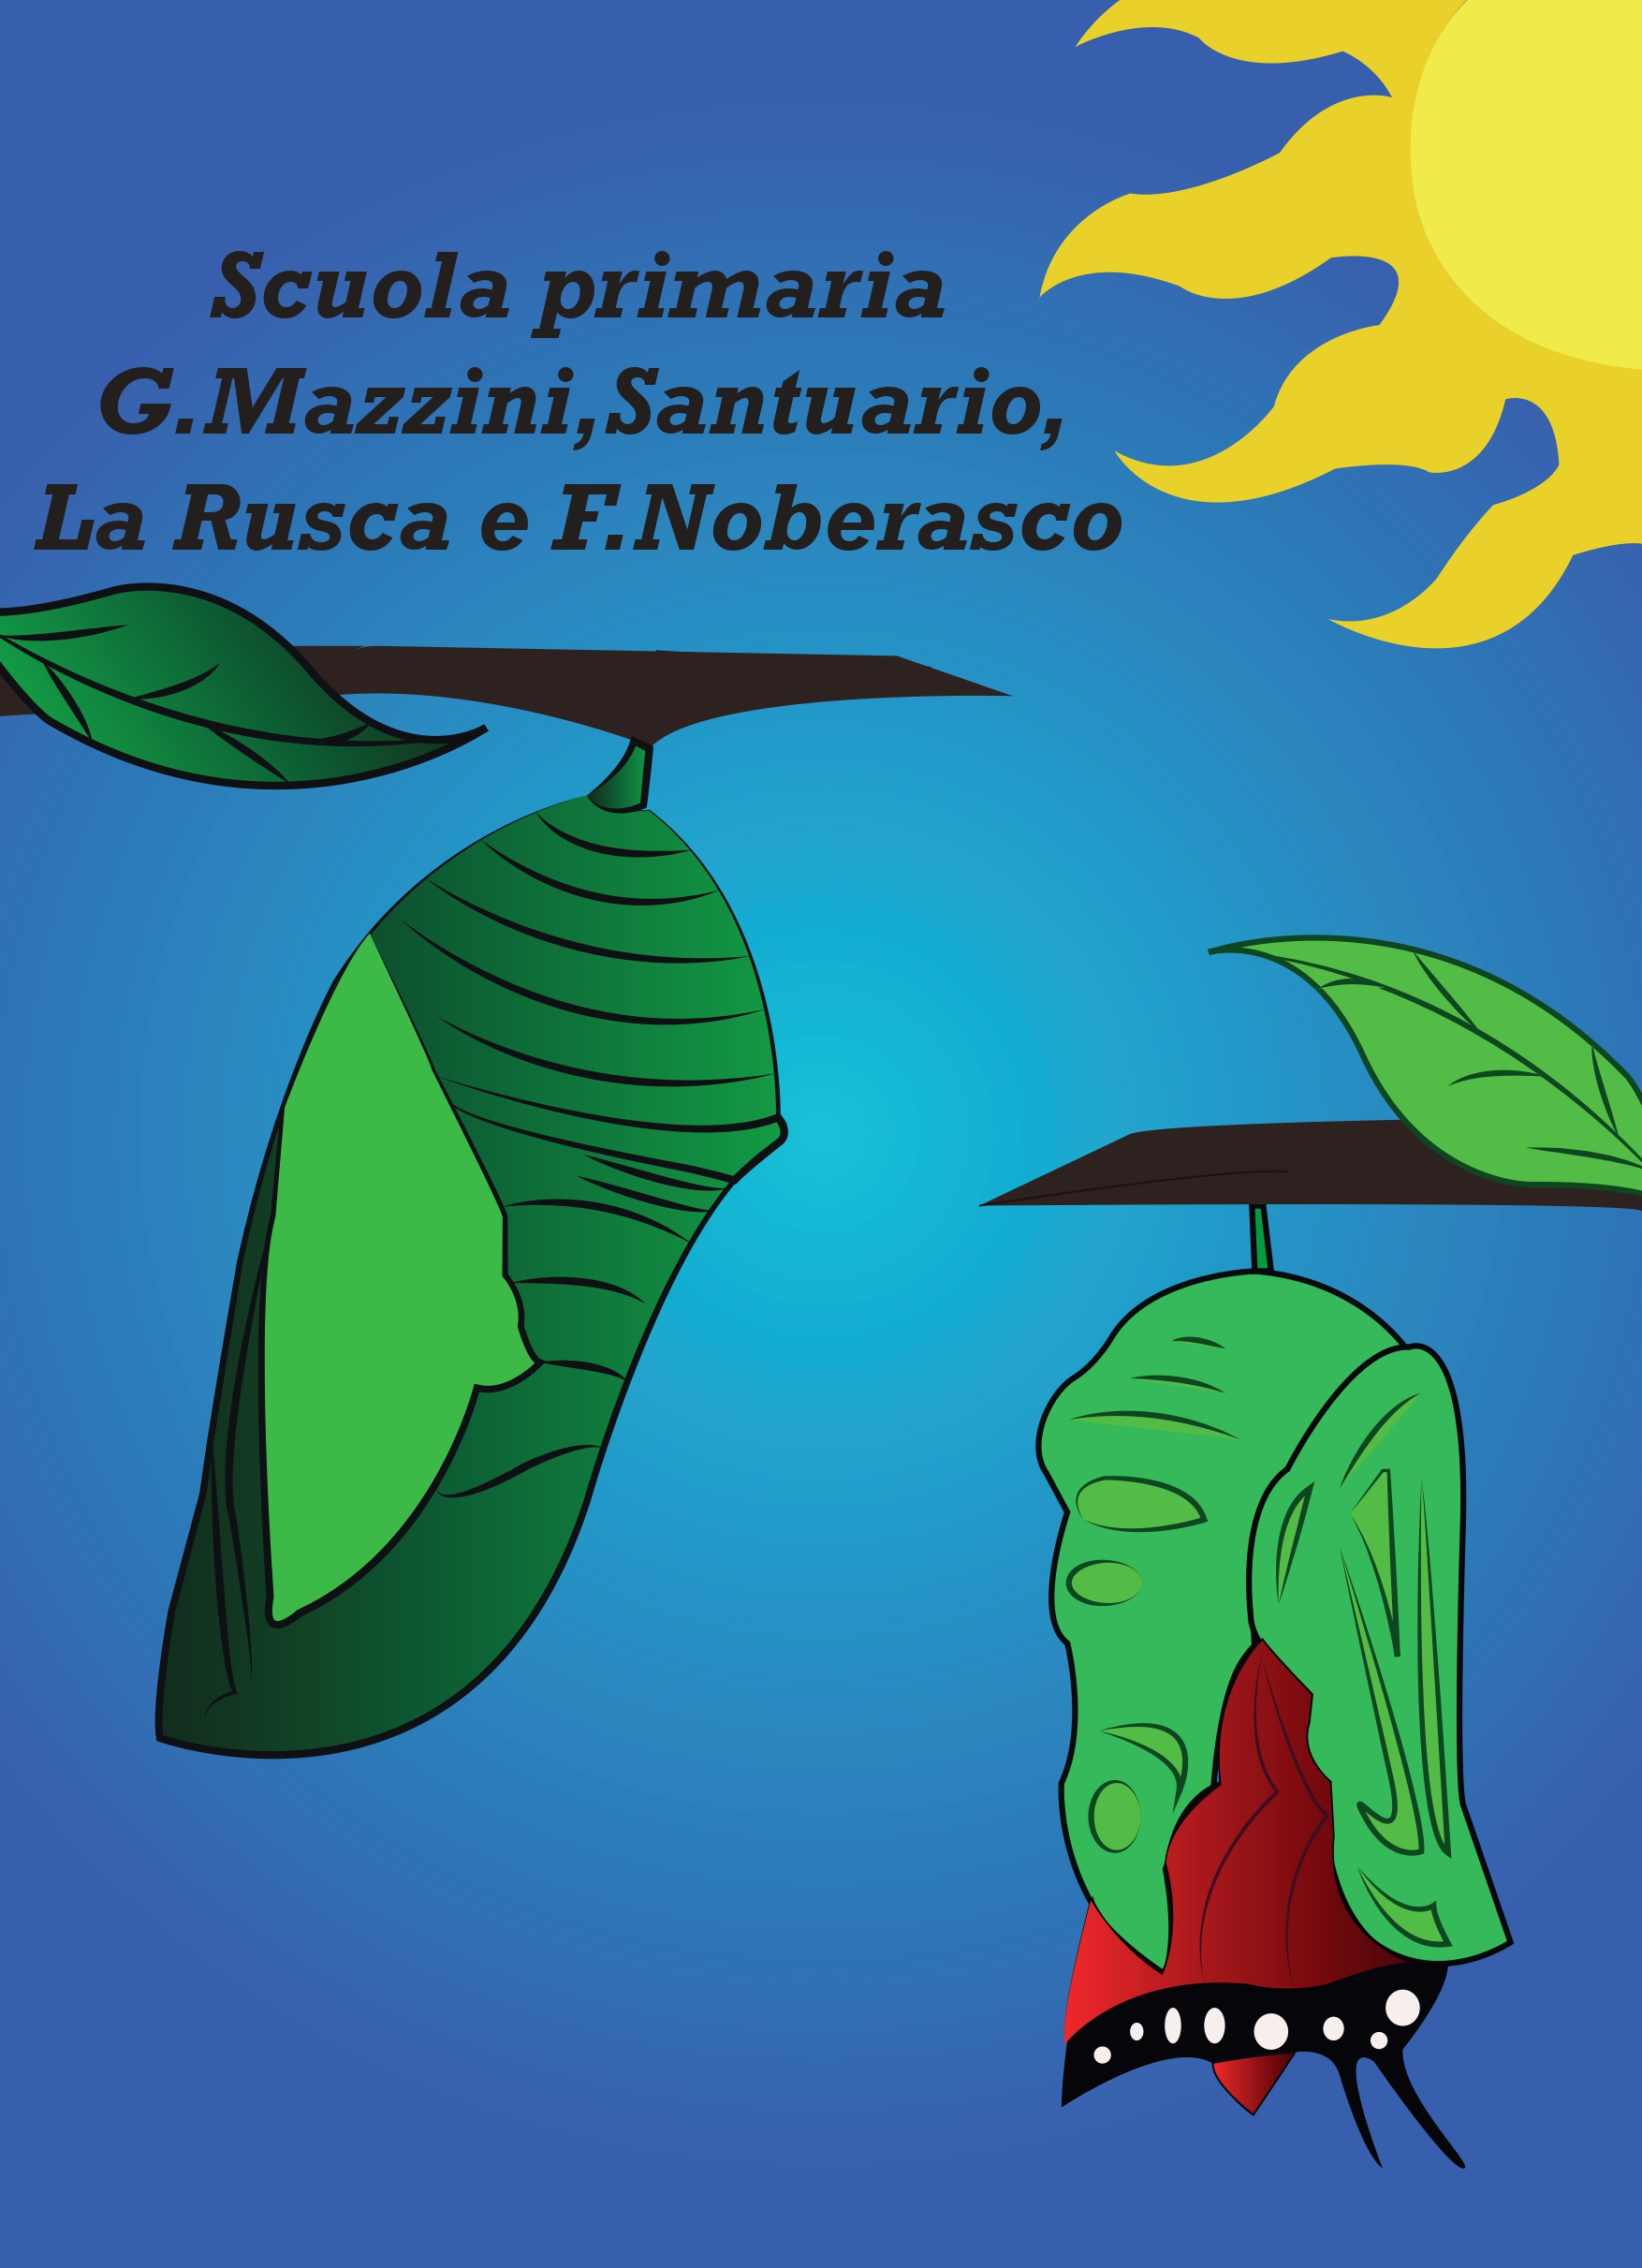 Logo Scuola Primaria G Mazzini Santuario La rusca e F Noberasco